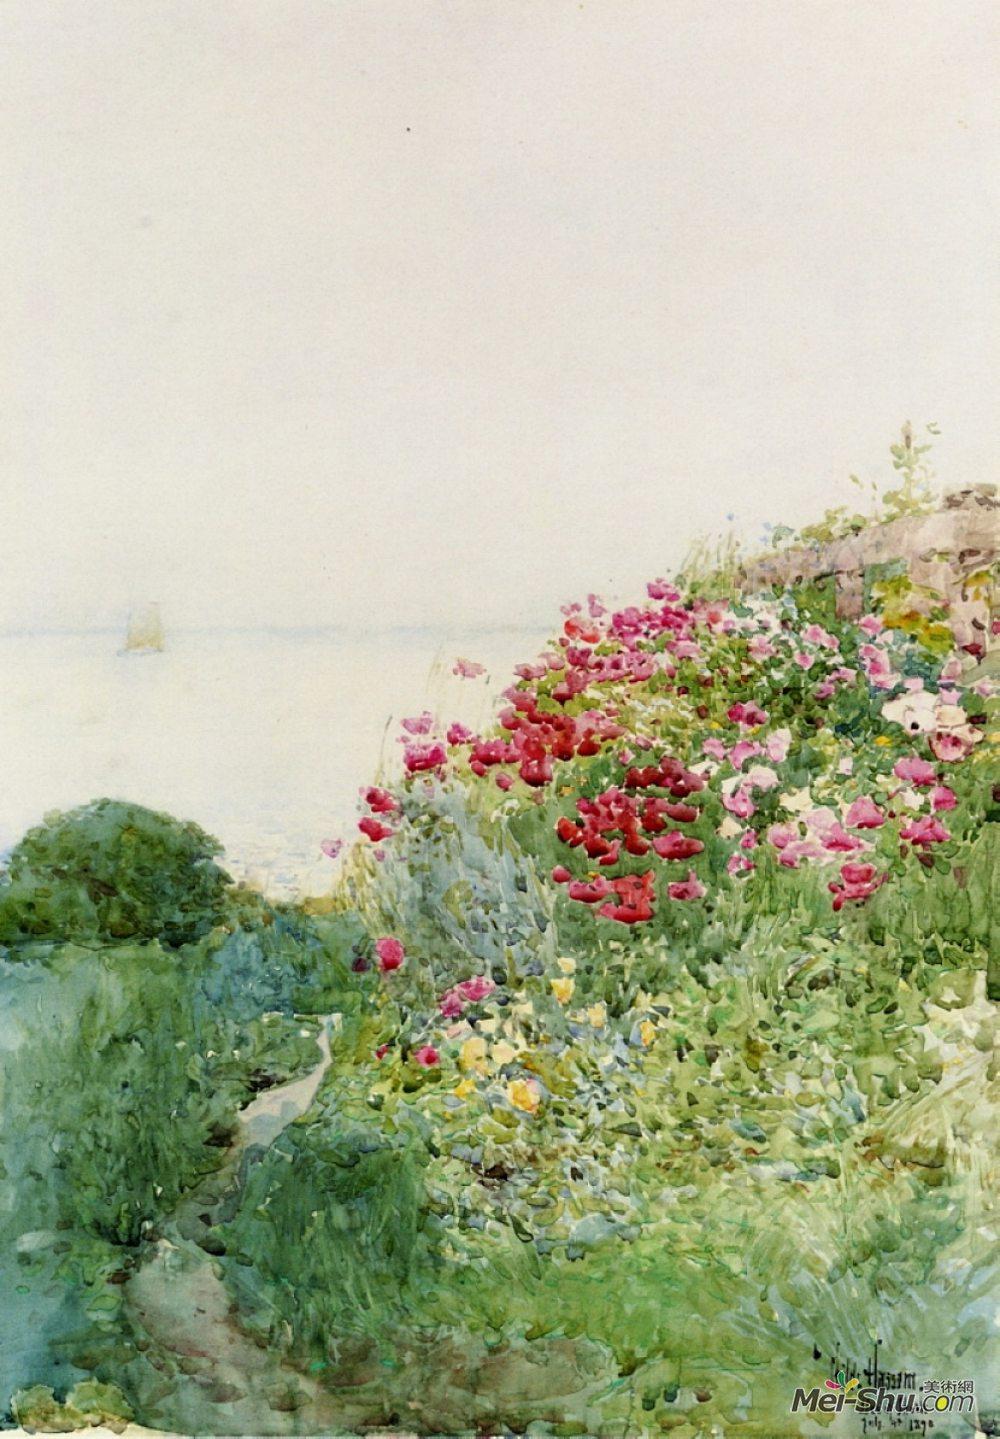 施尔德·哈森(Childe Hassam)高清作品《Field of Poppies, Isles of Shaos, Appledore》